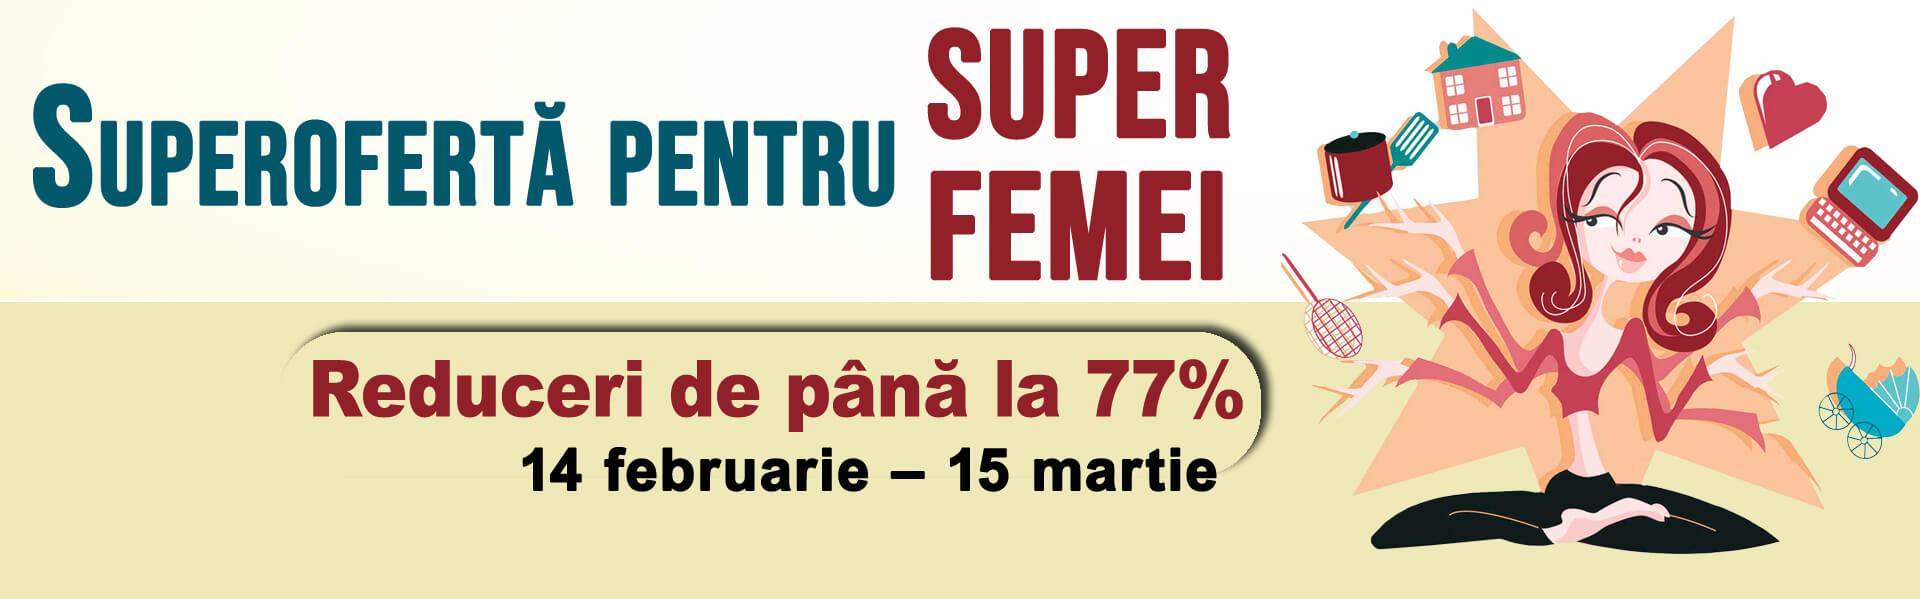 SuperOferta pentru SuperFemei